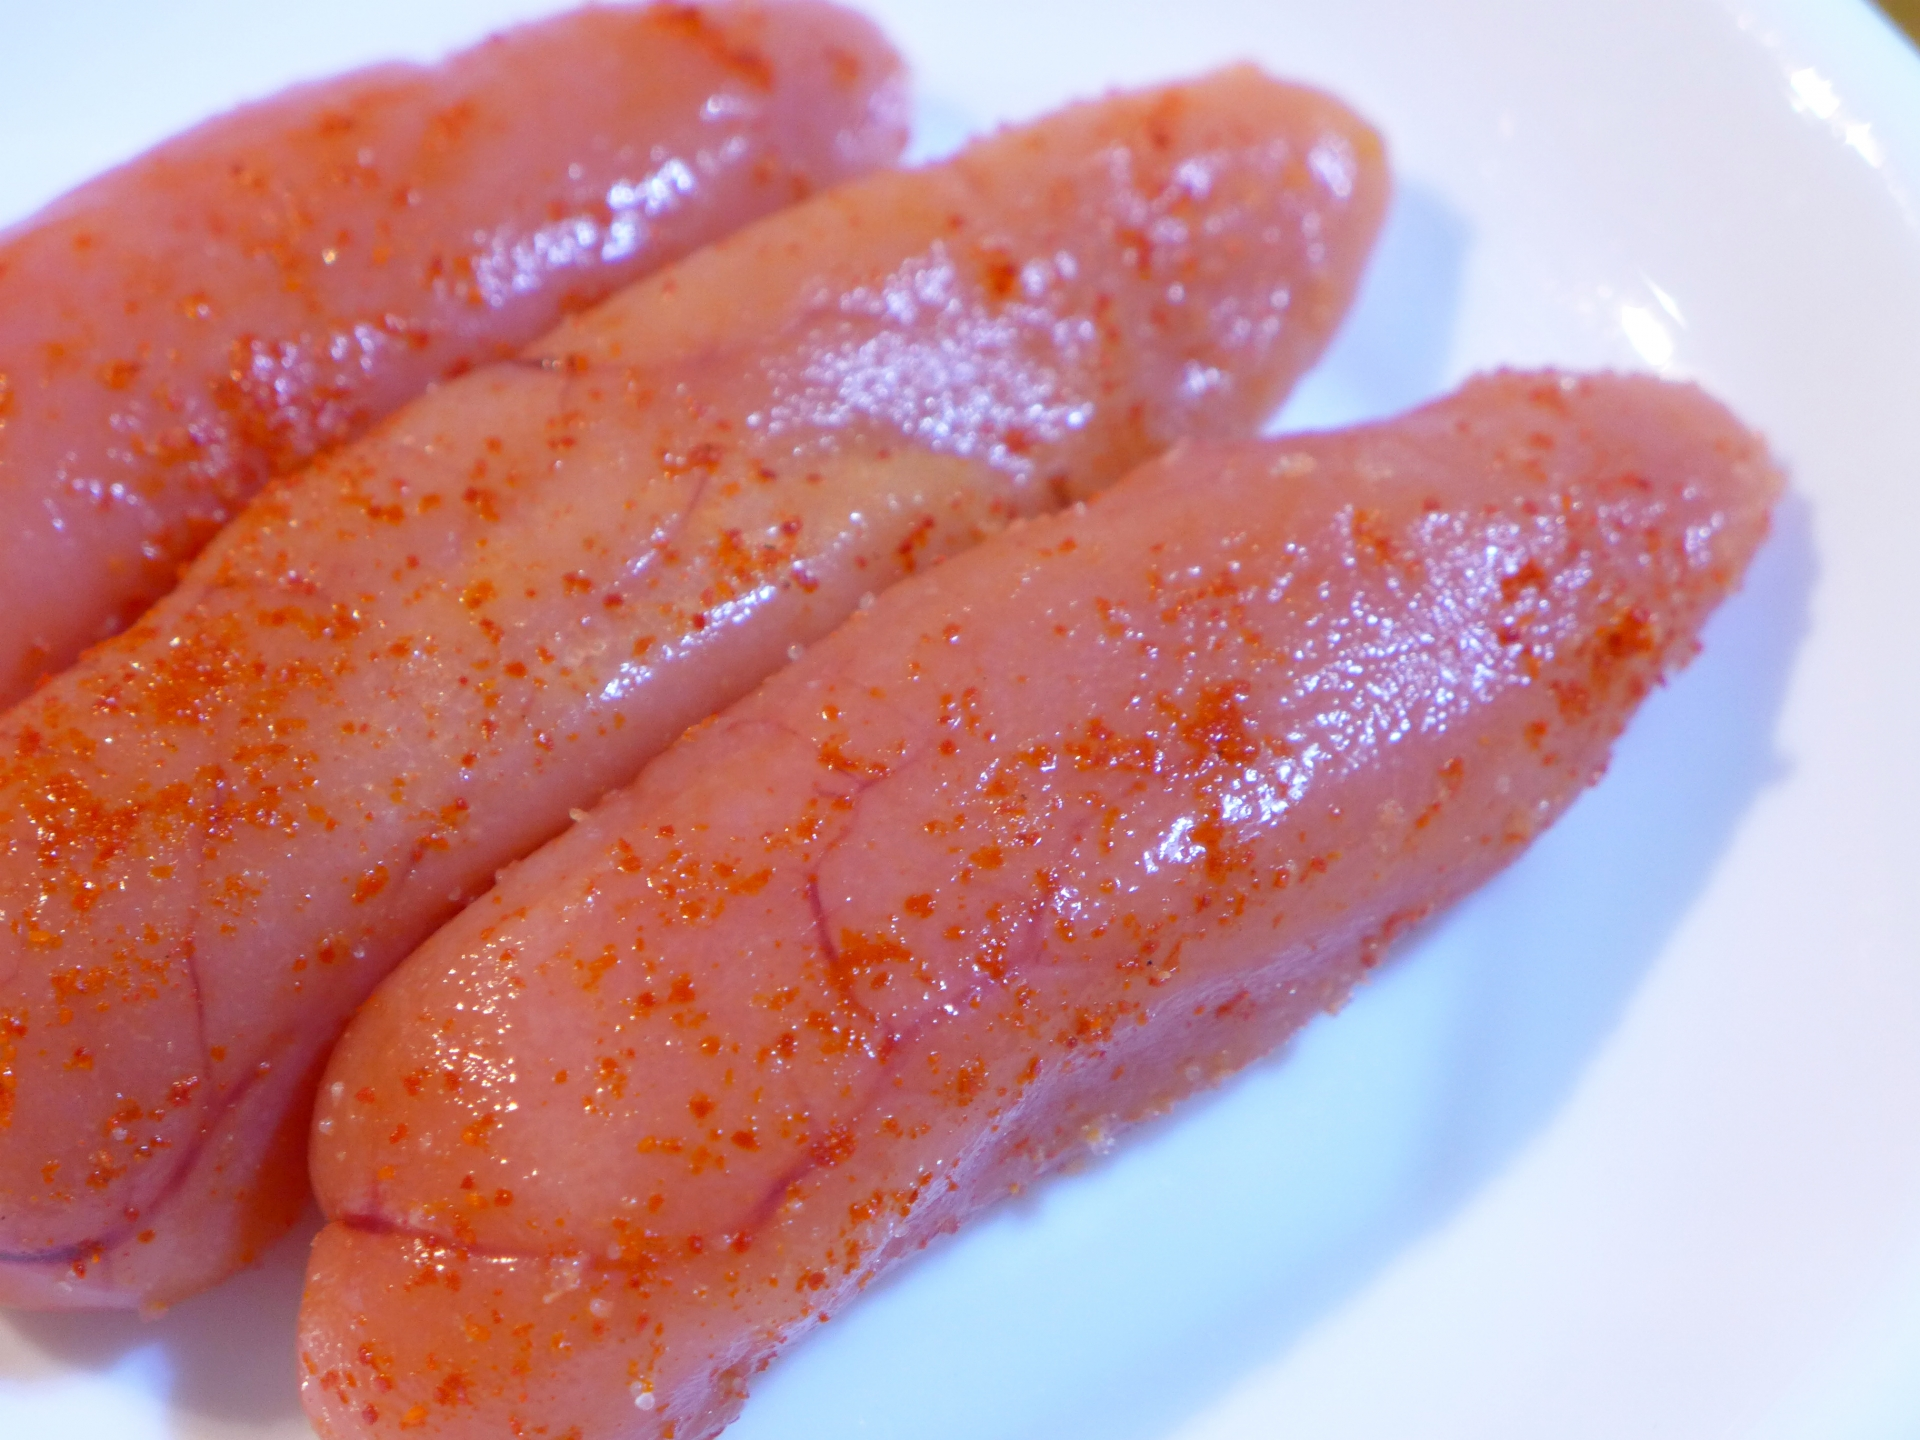 コンビニのタラコ、明太子のおにぎりやスパゲッティーは食べてはいけない